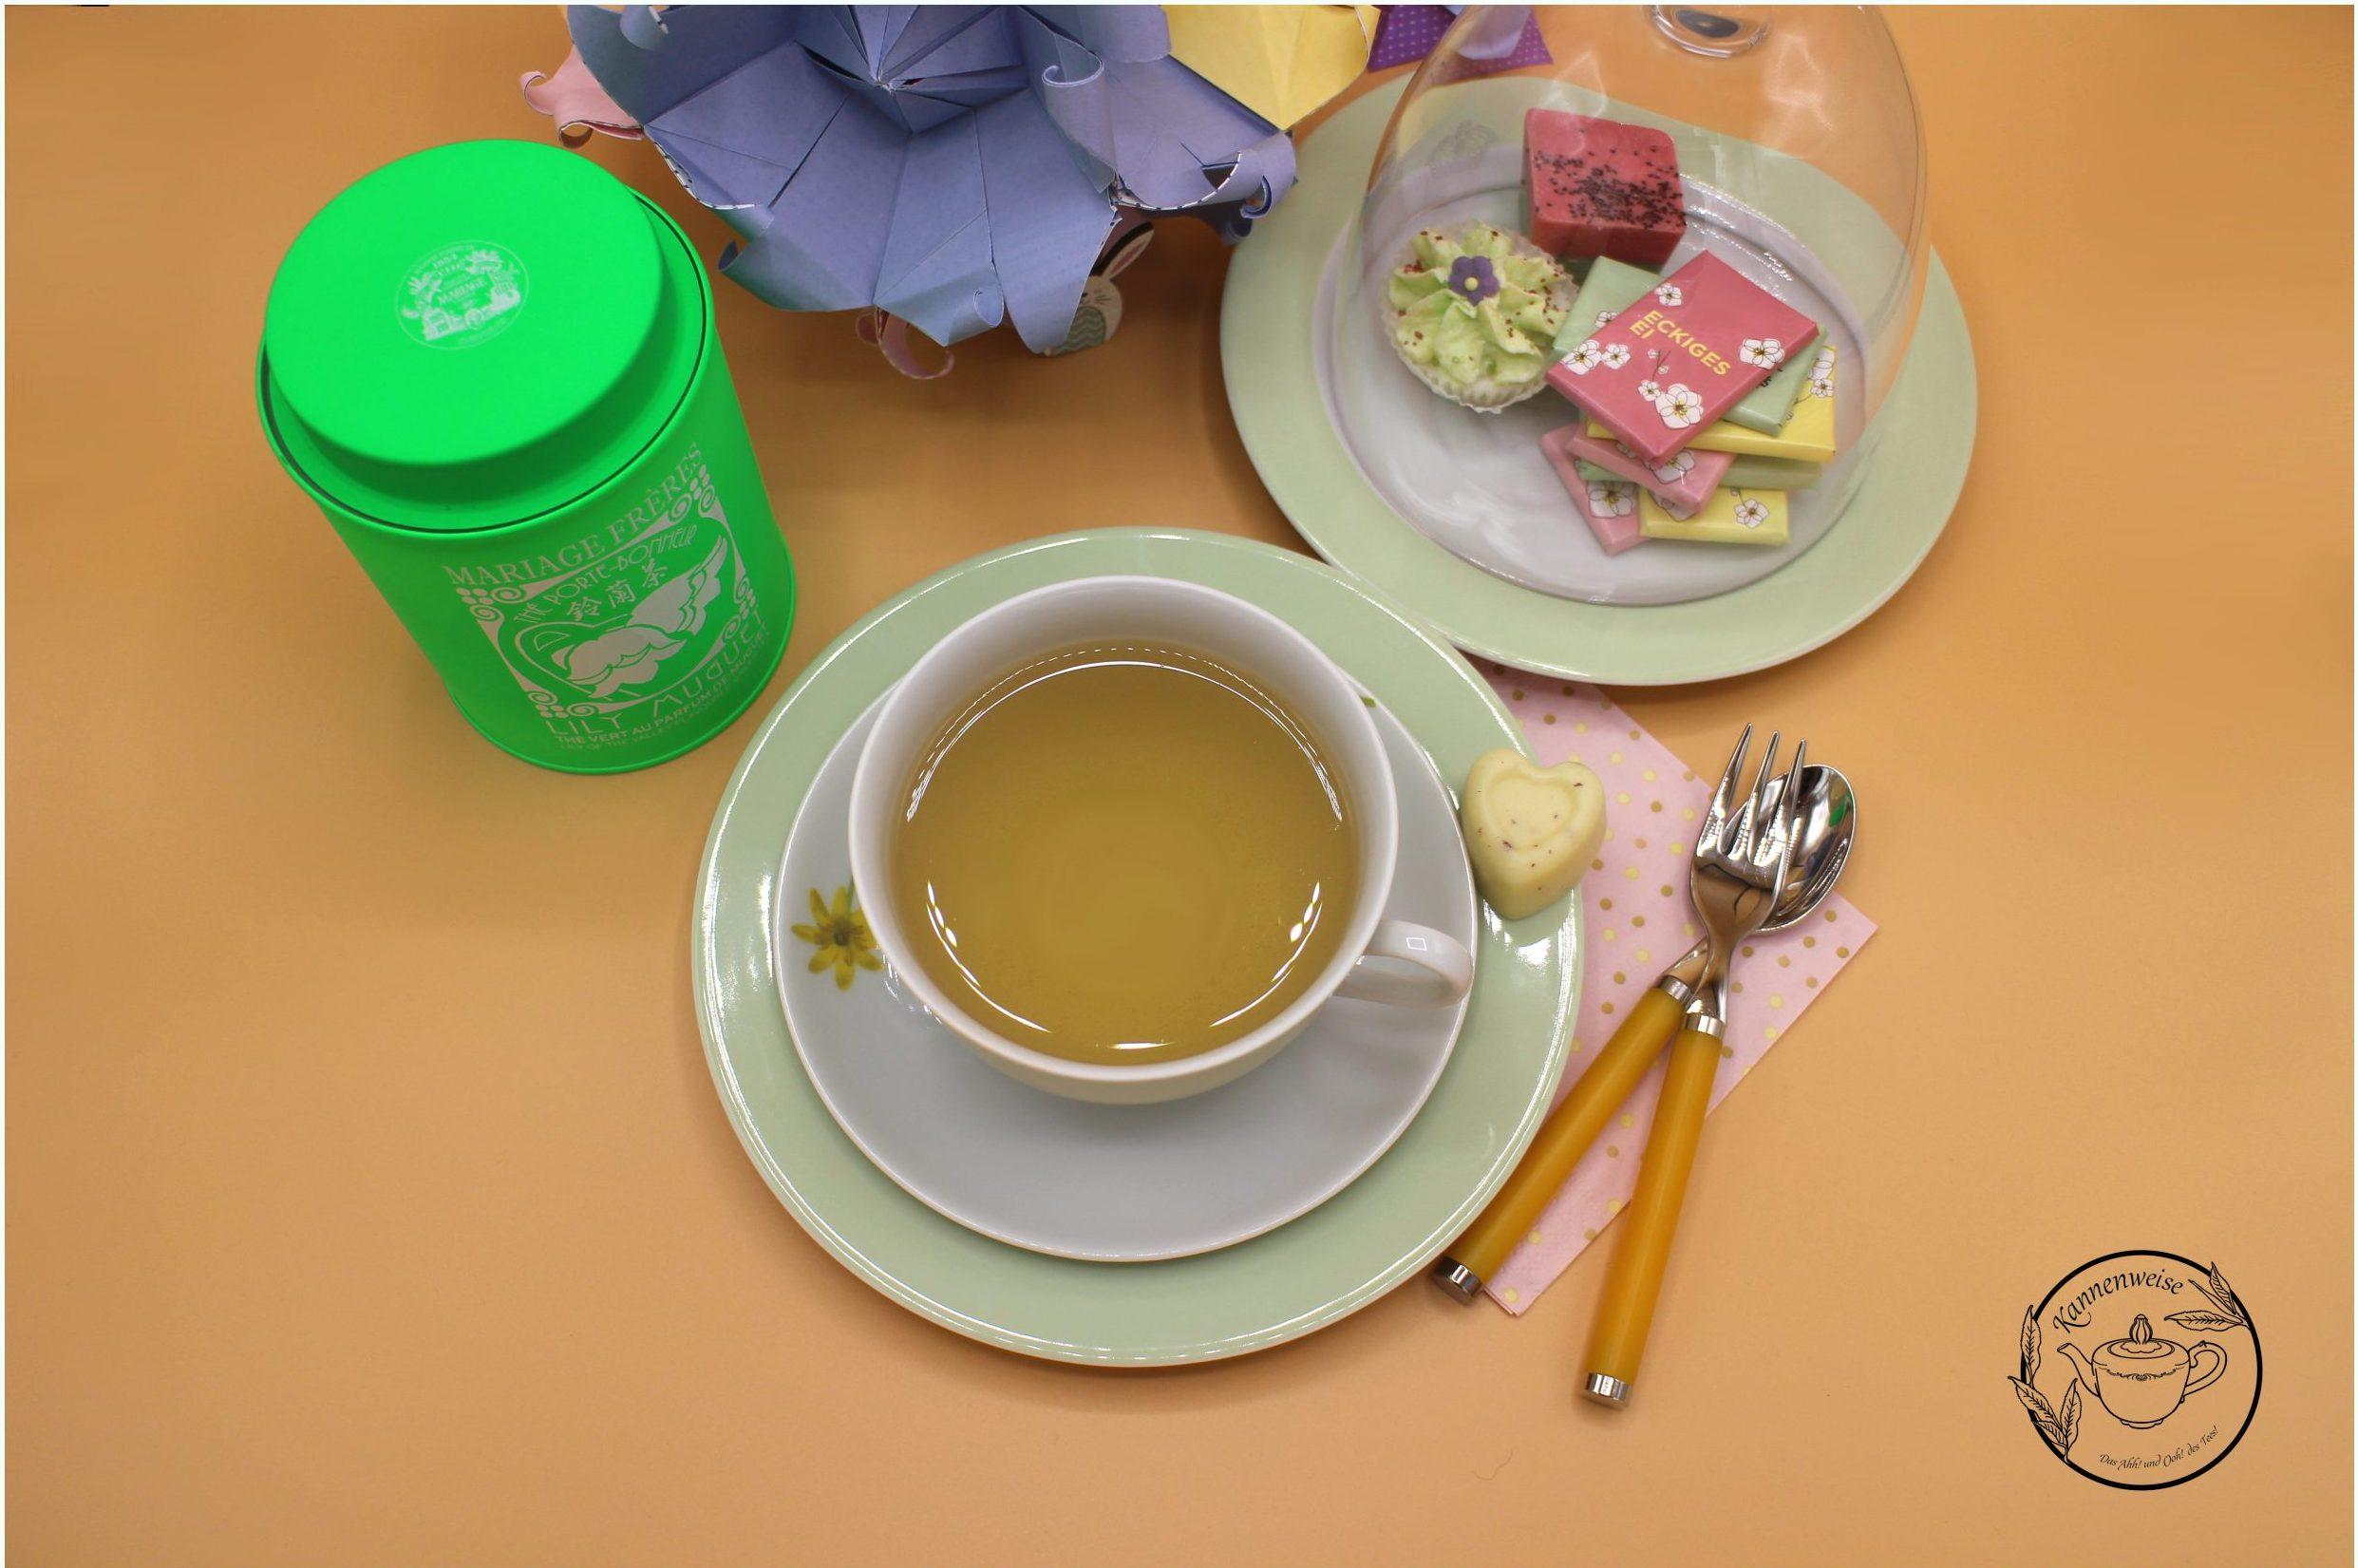 Ein Tee für den Frühling: »Lily Muguet« von Mariage Frères